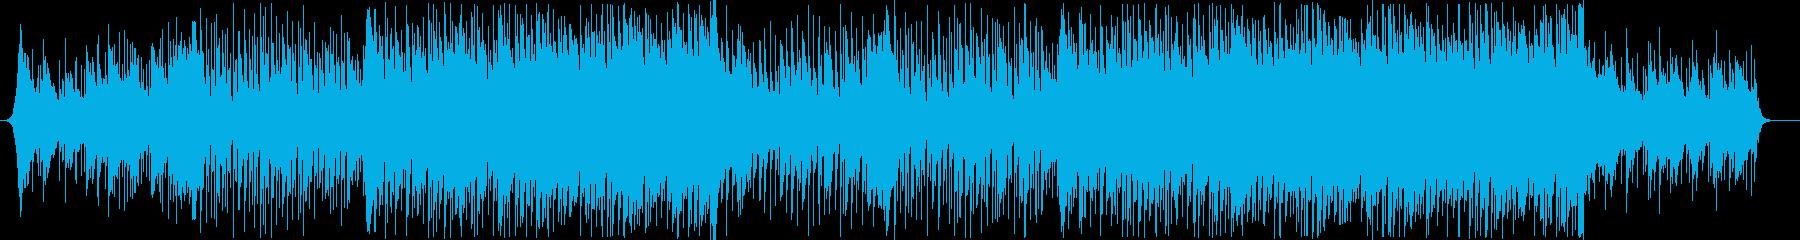 爽やか躍動感ピアノフルートコーポレートAの再生済みの波形